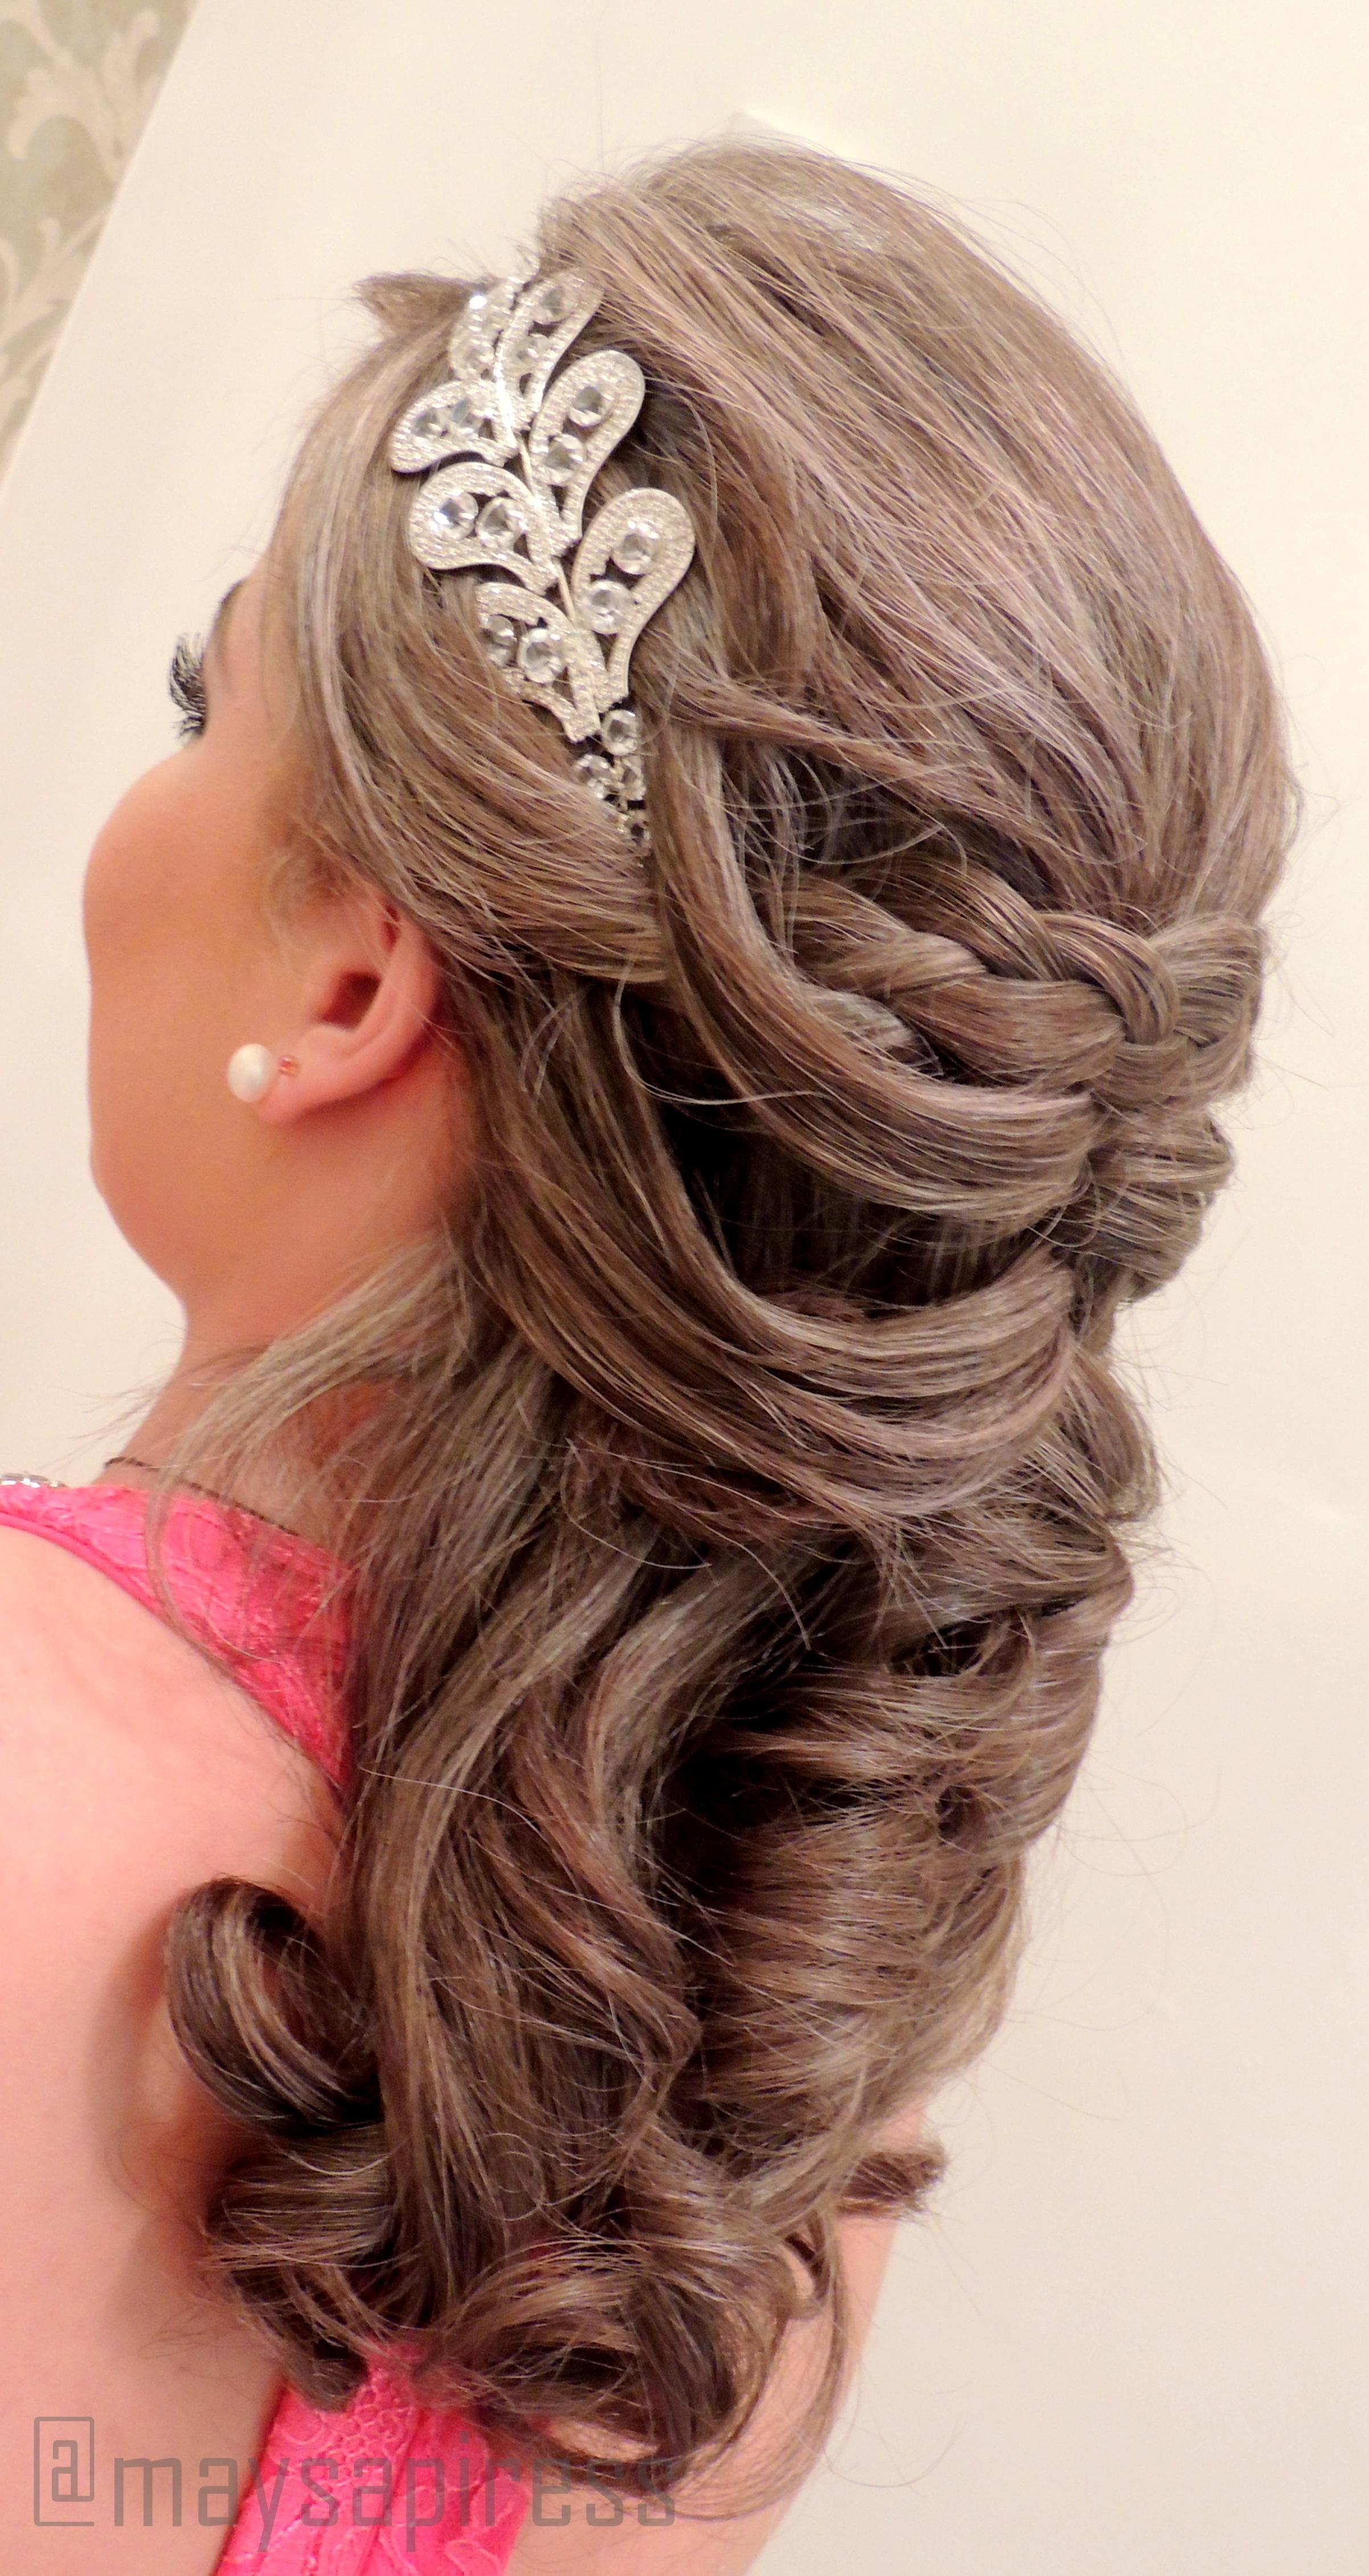 Debutante cabeleireiro(a) stylist consultor(a) em imagem